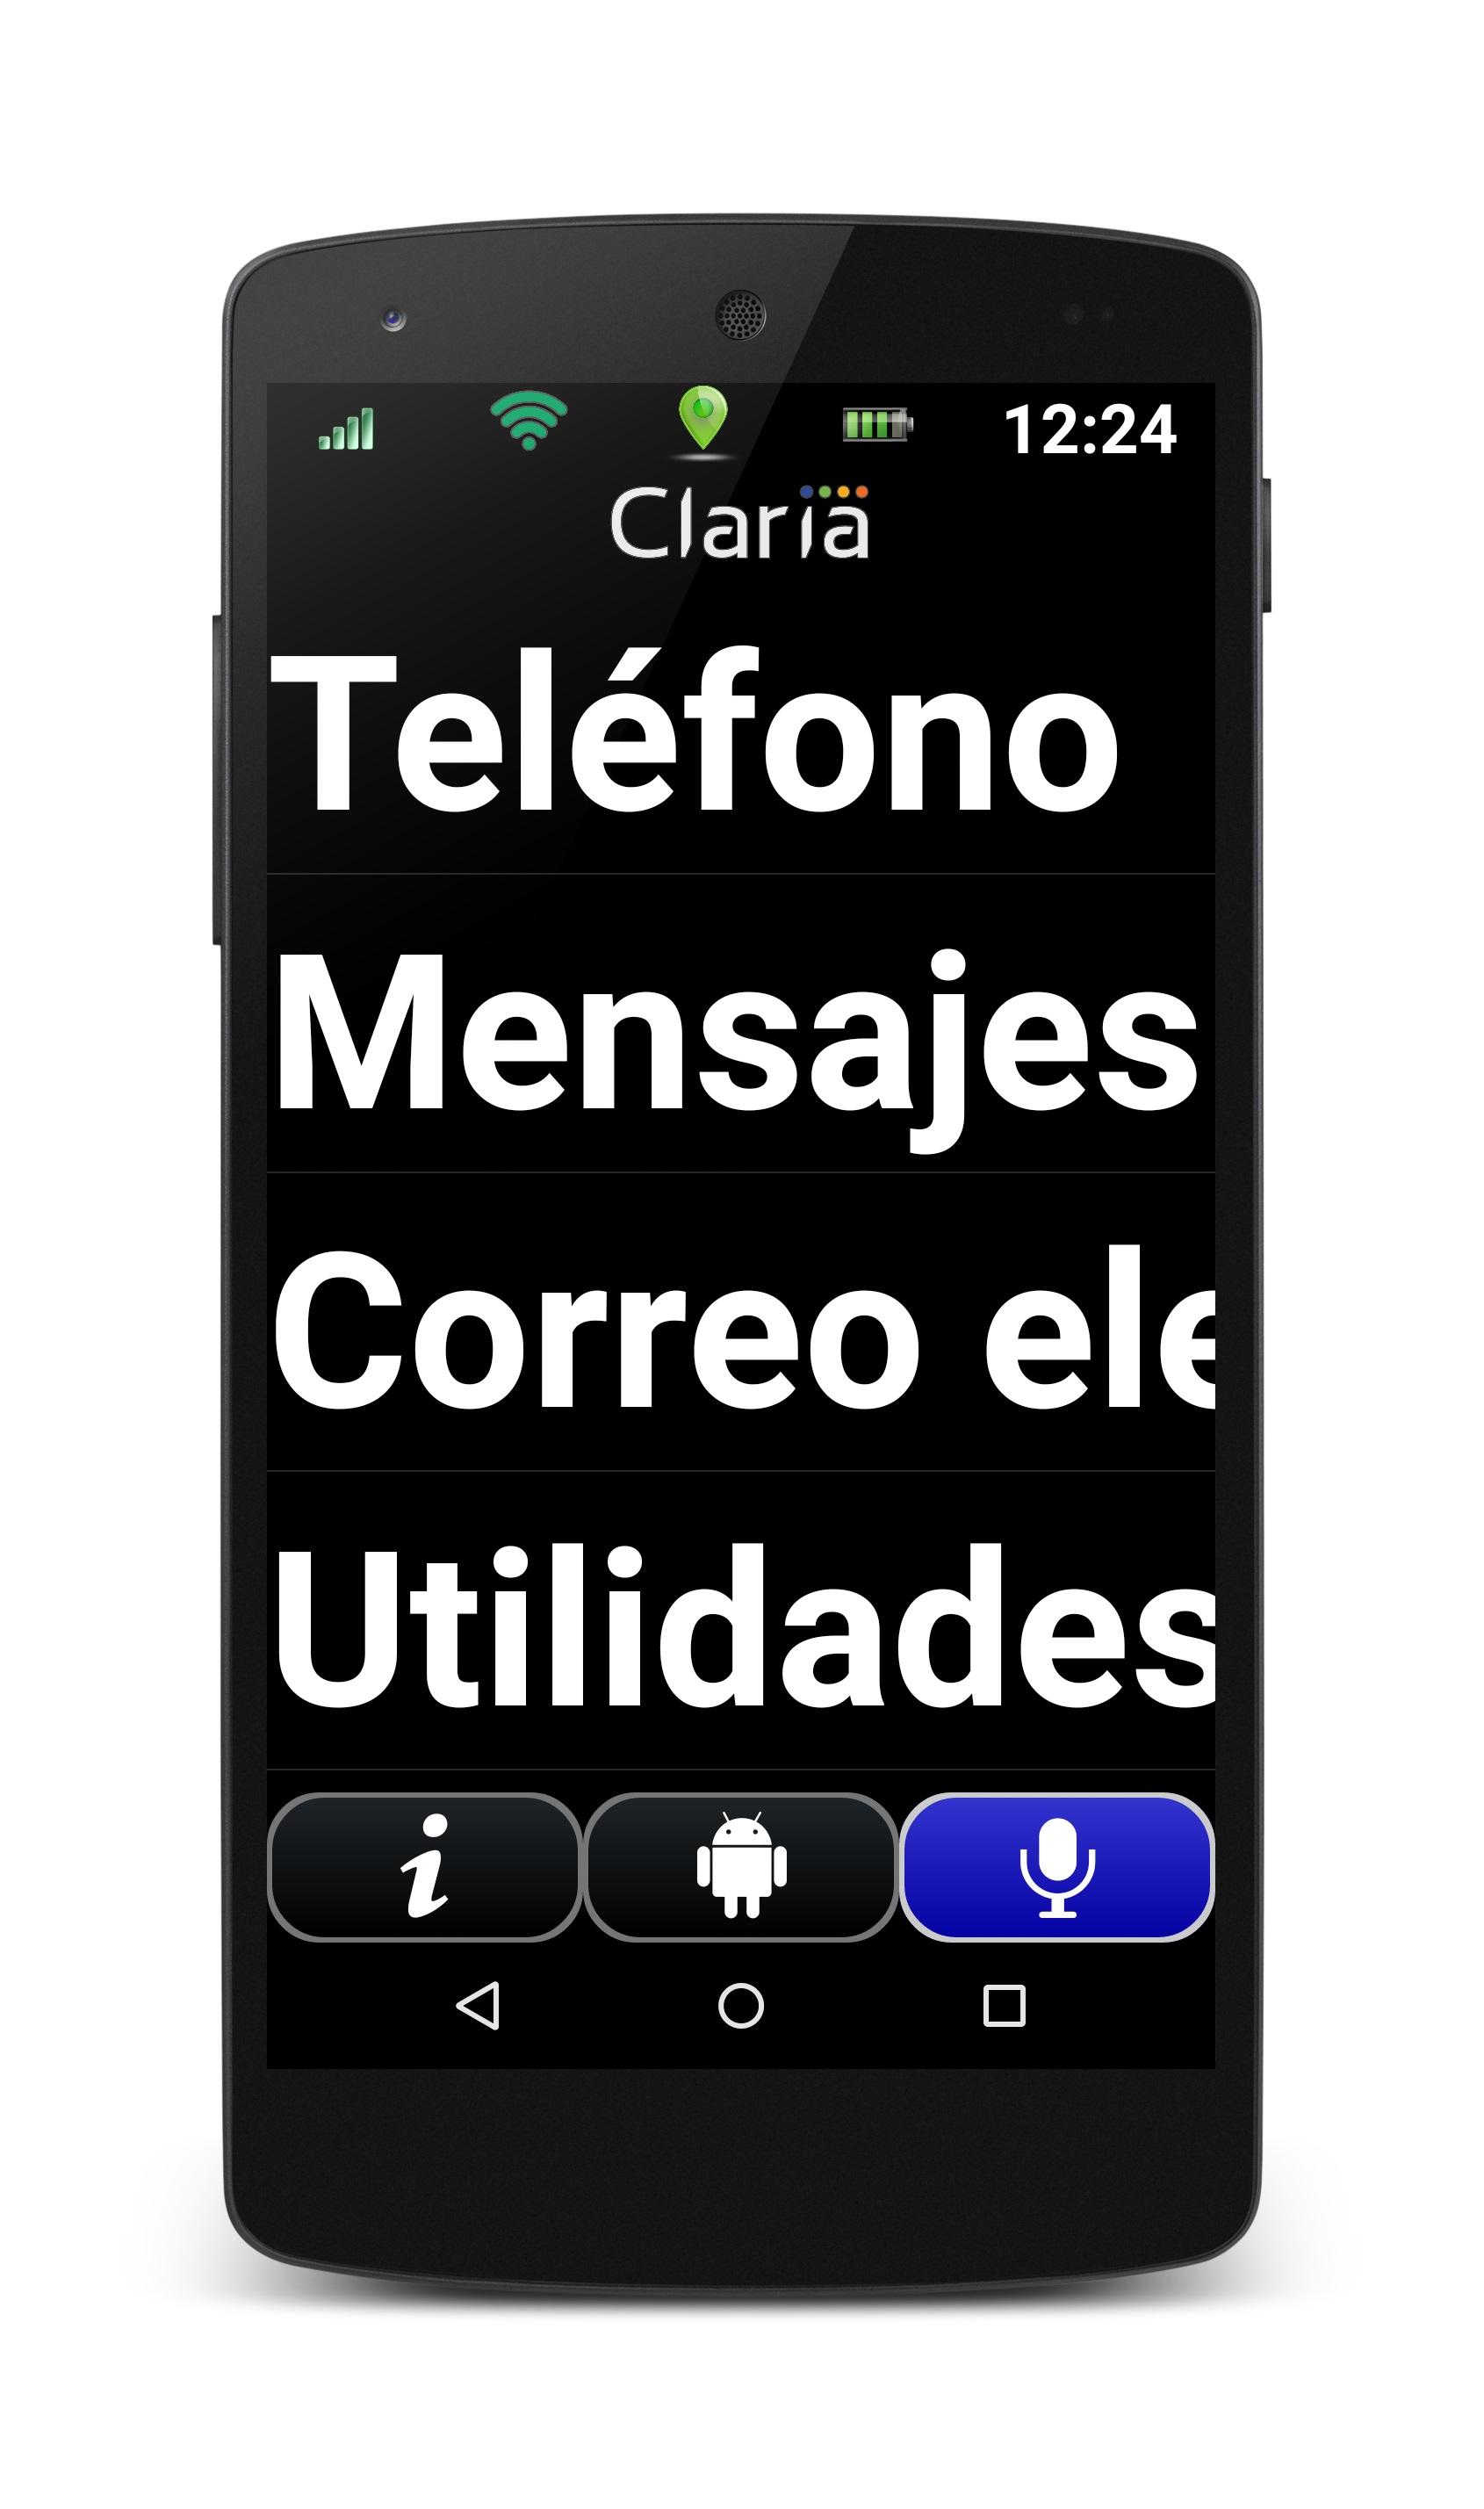 image claria